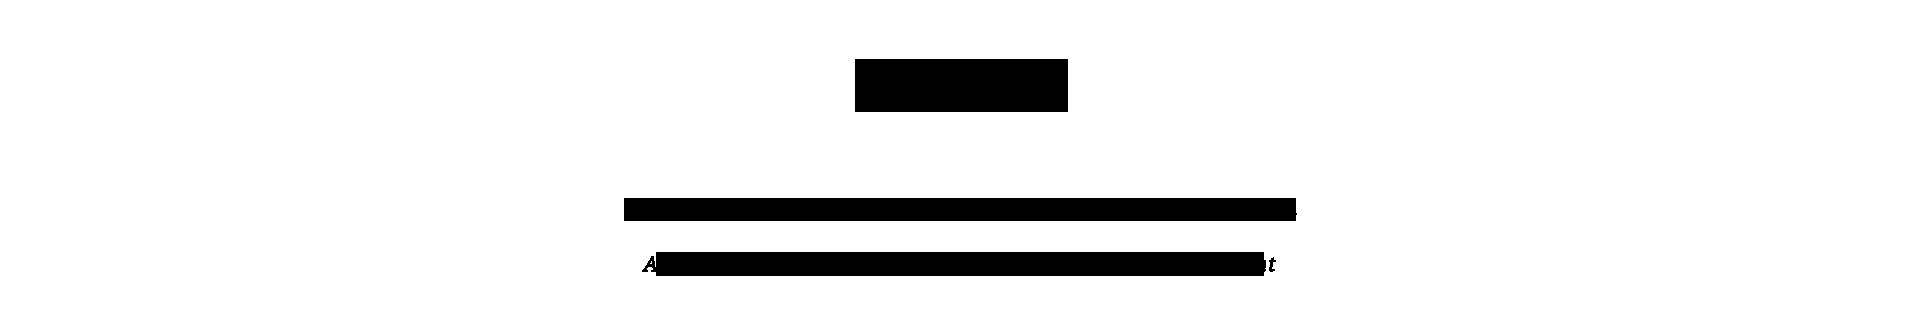 TexteVivan-texte_1